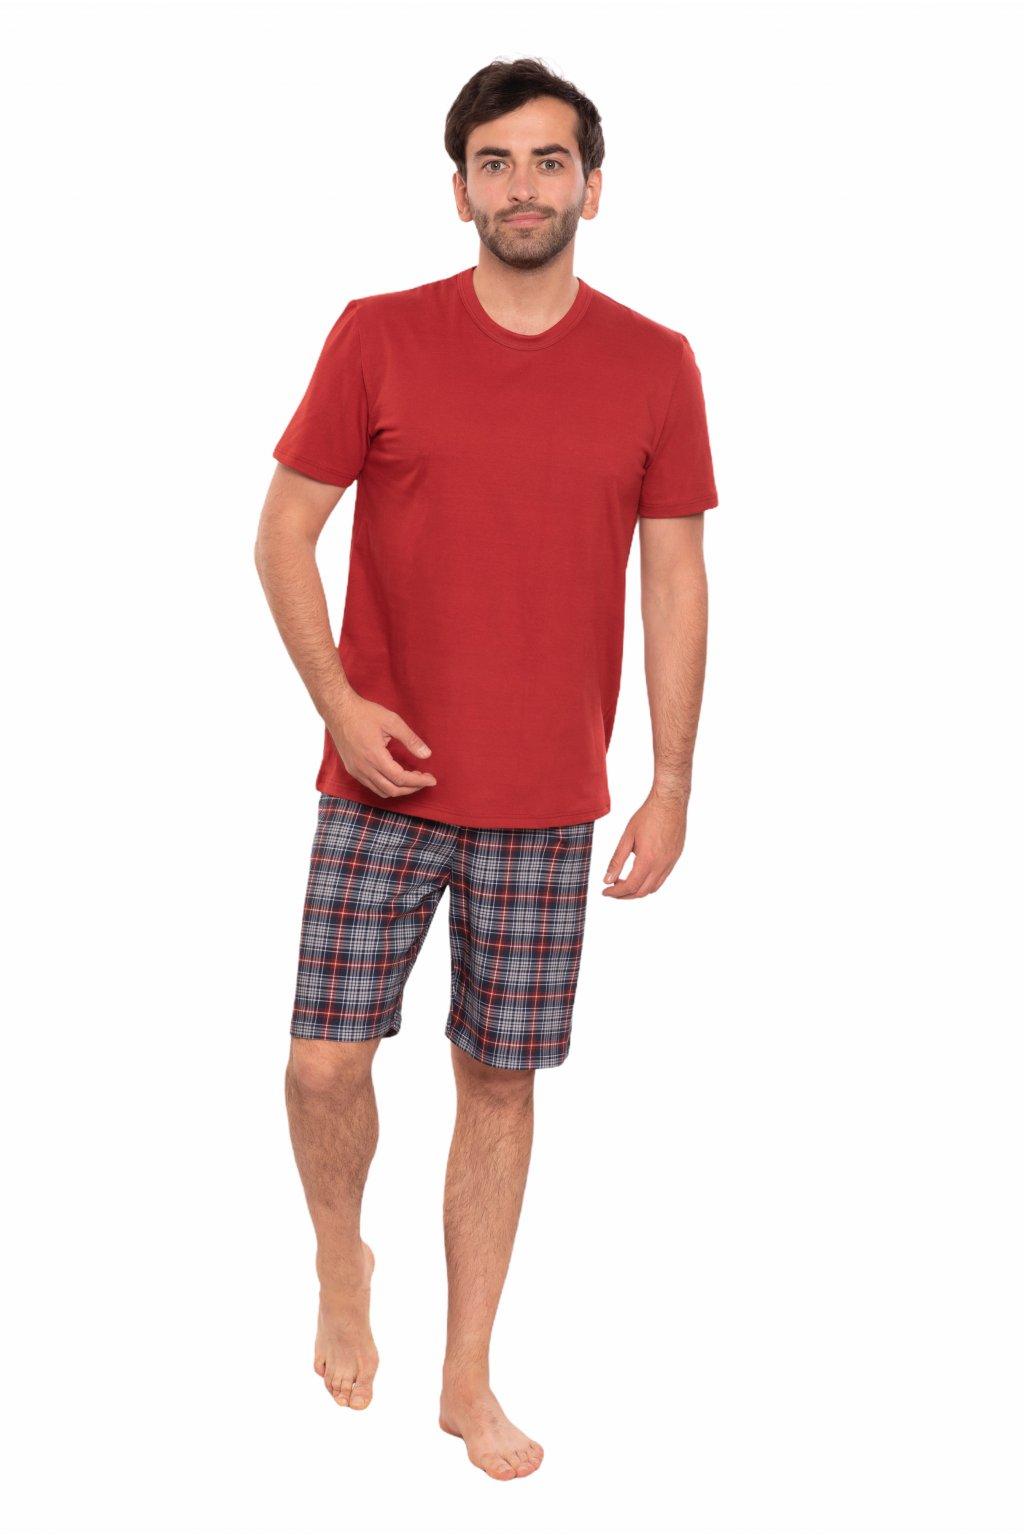 Pánské pyžamo s krátkým rukávem, 204147 145, červená